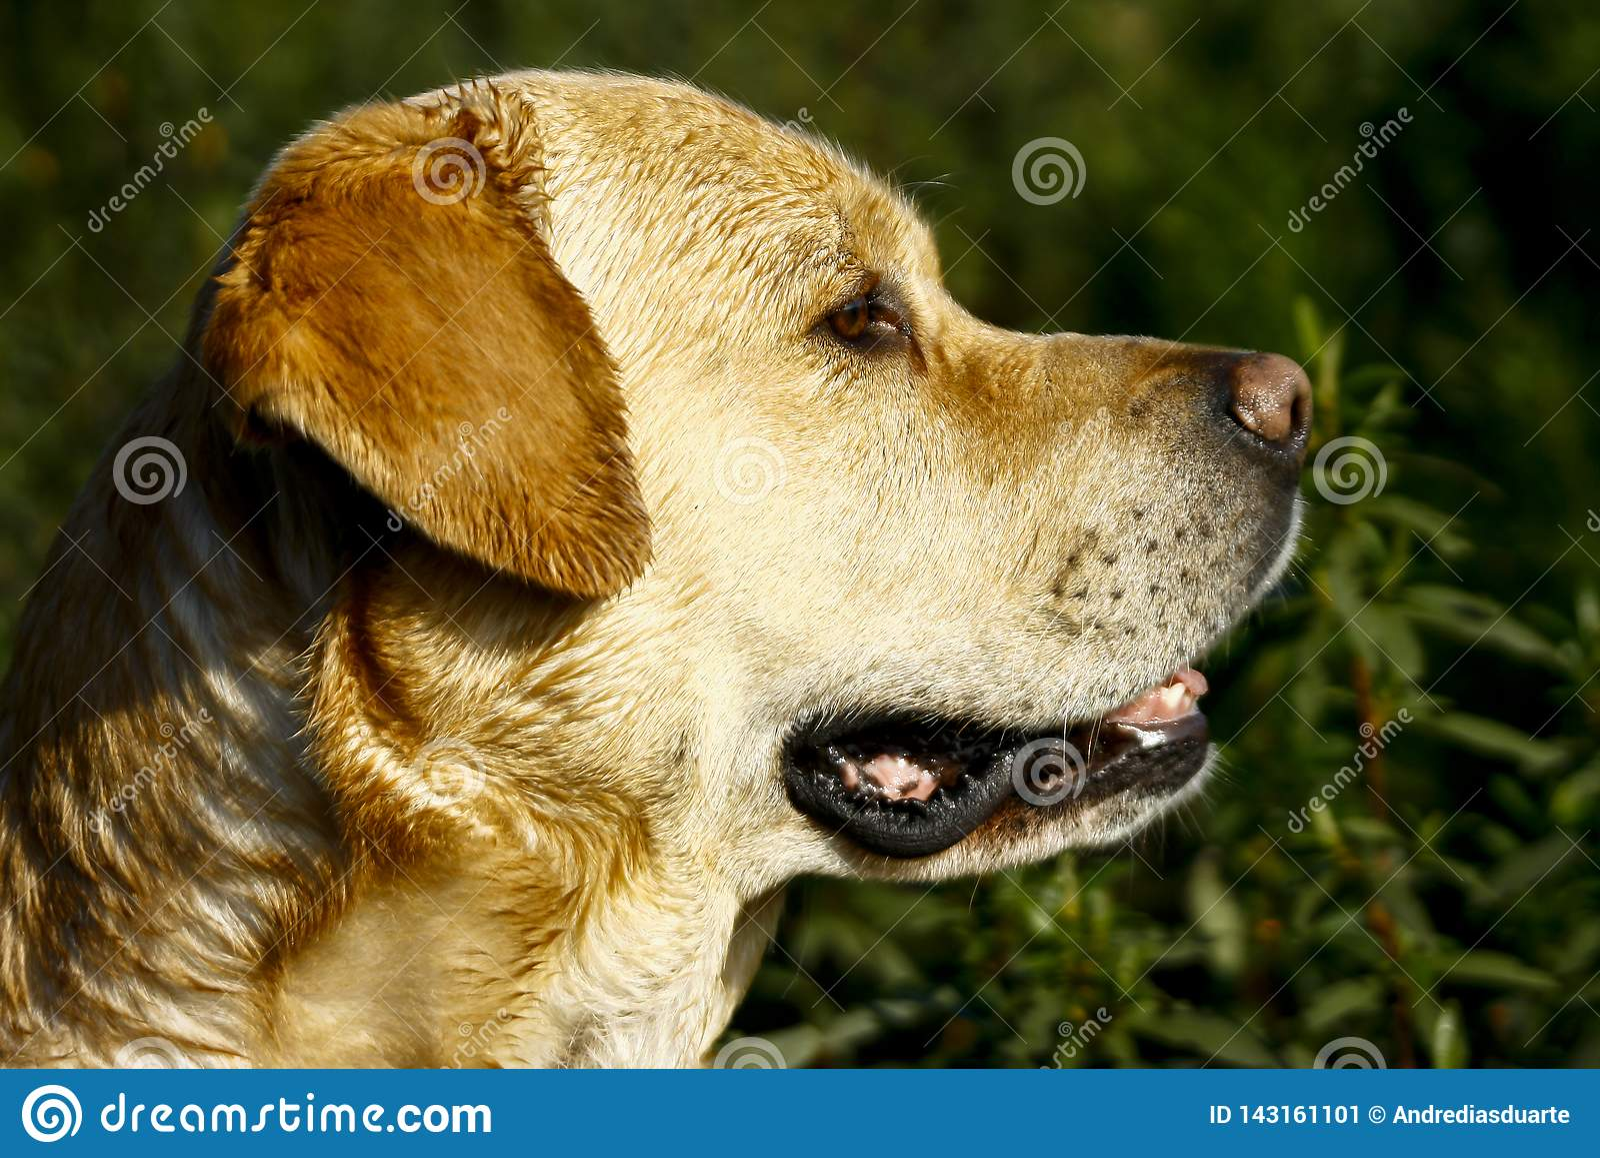 Επικεφαλής αντιμετώπιση σκυλιών του Λαμπραντόρ λοξά